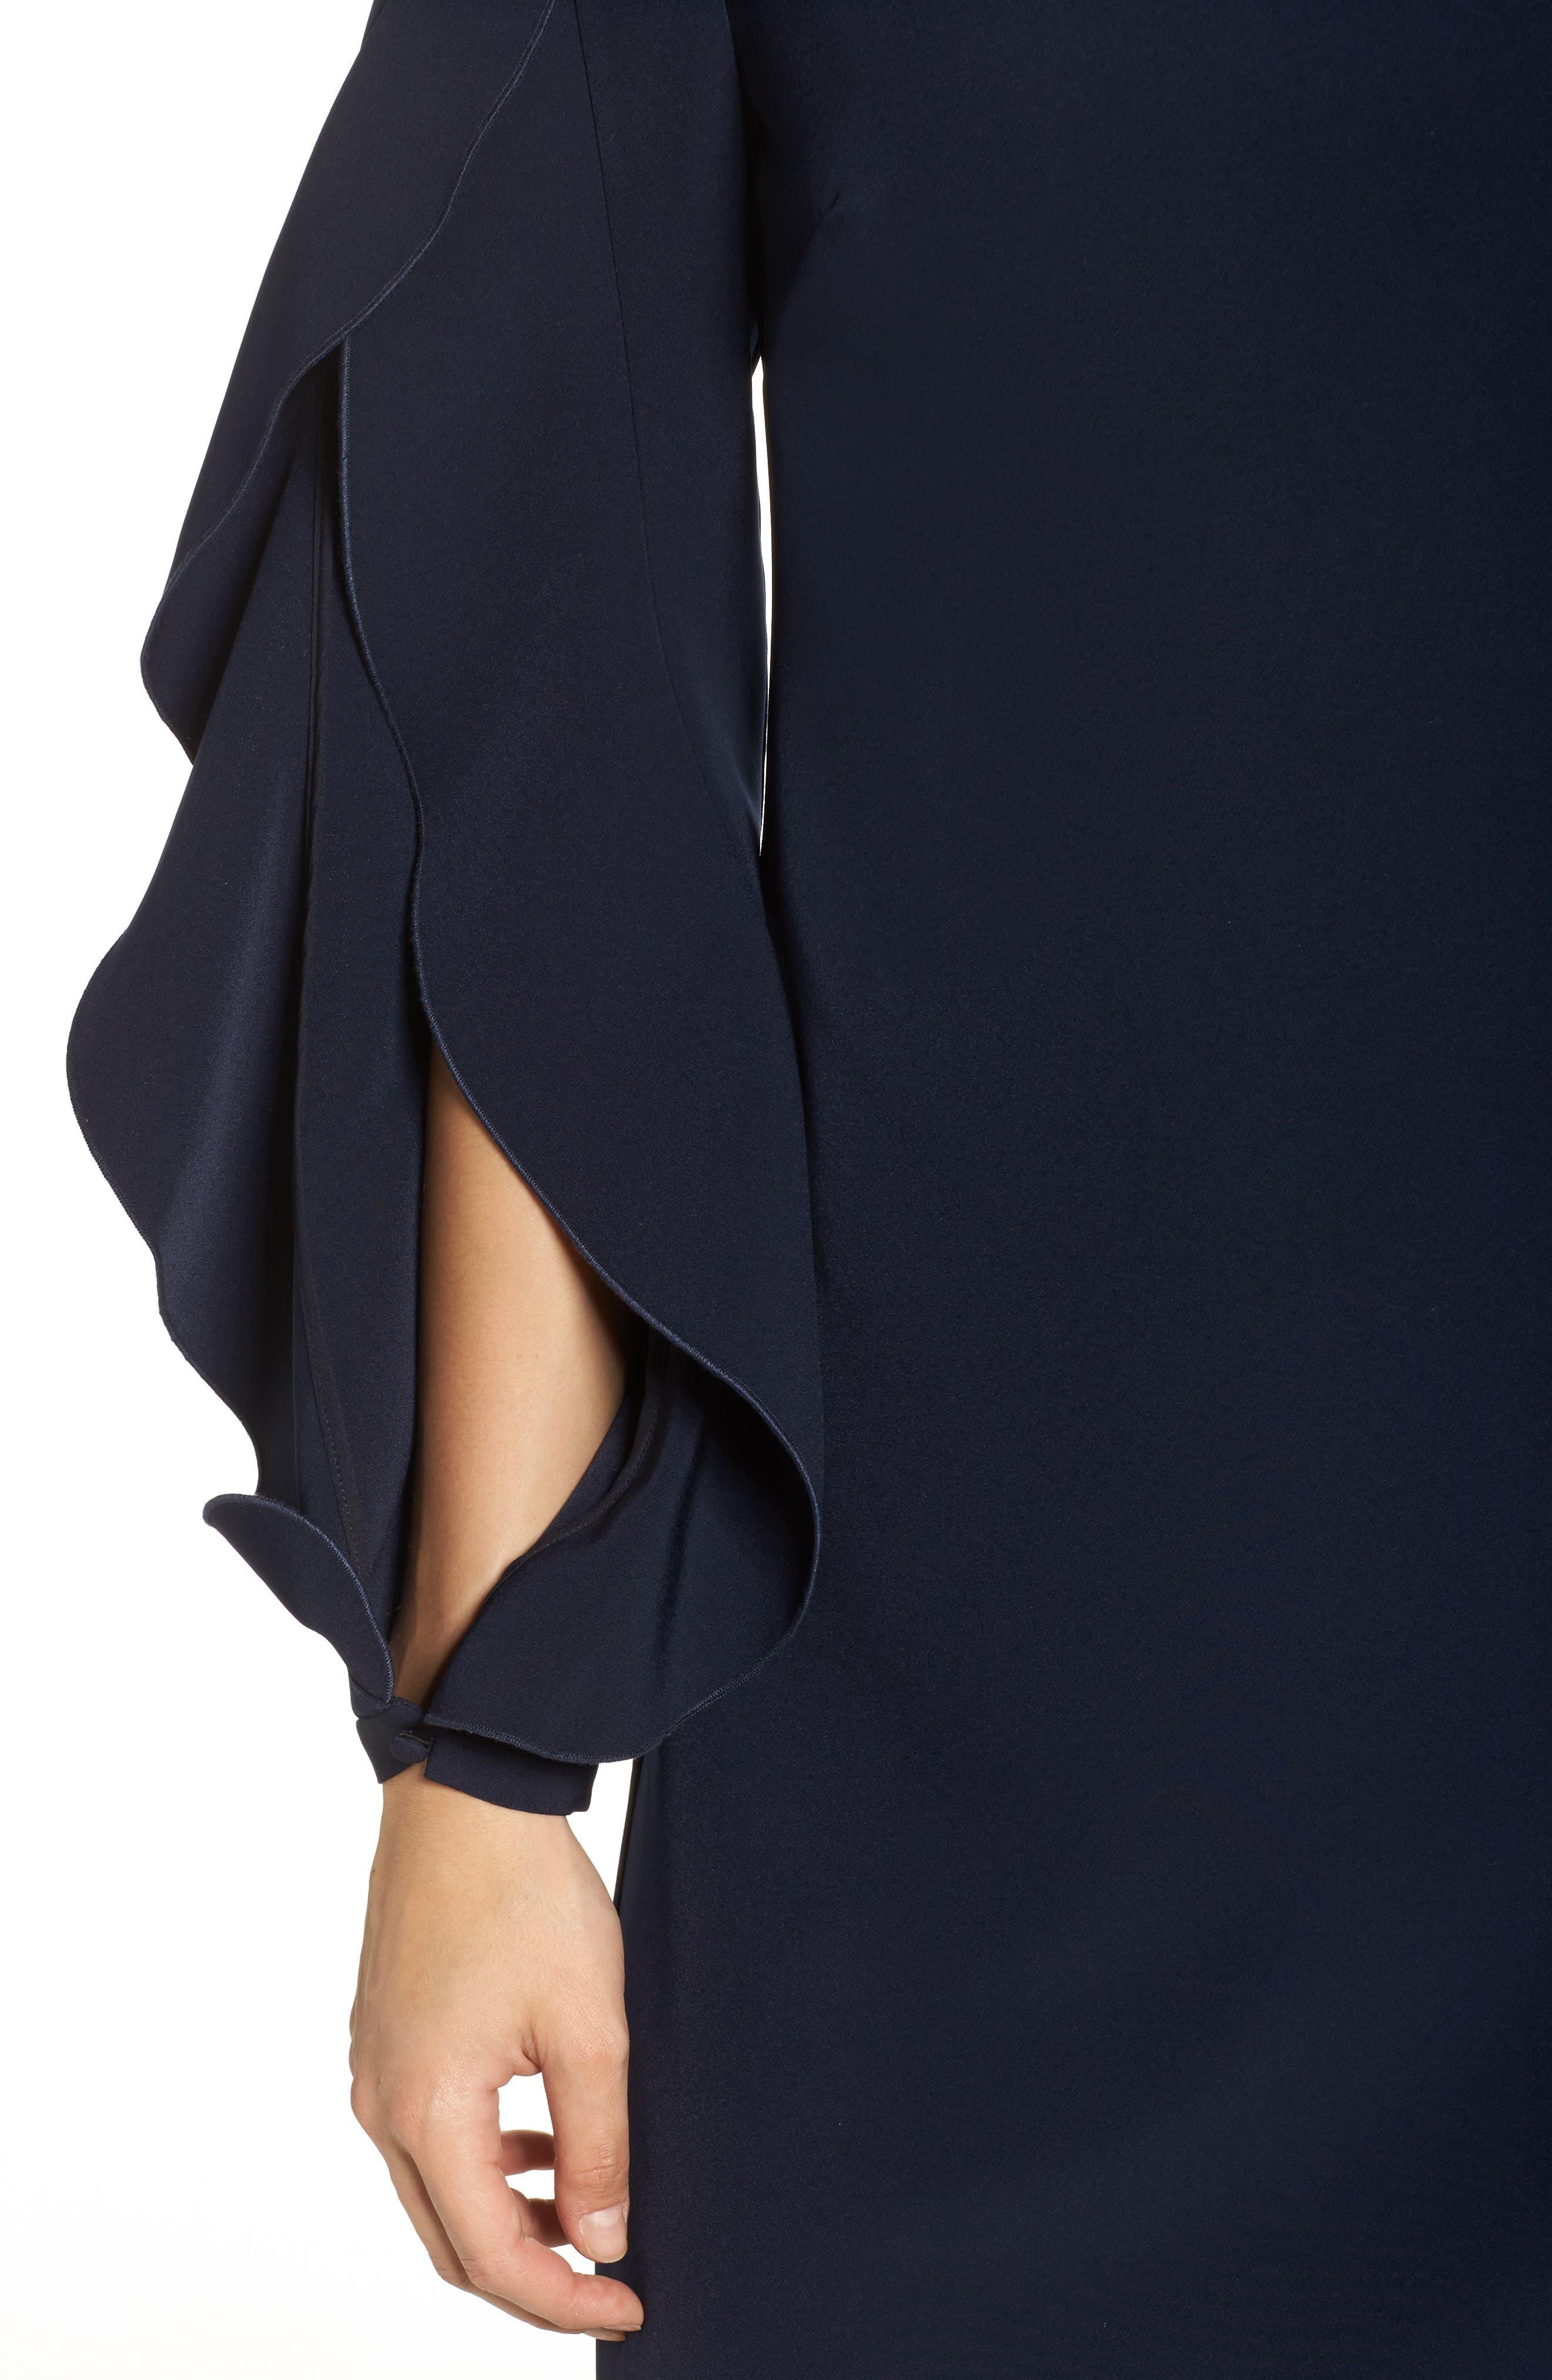 Ruffle Sleeve Shift Dress,                             Alternate thumbnail 4, color,